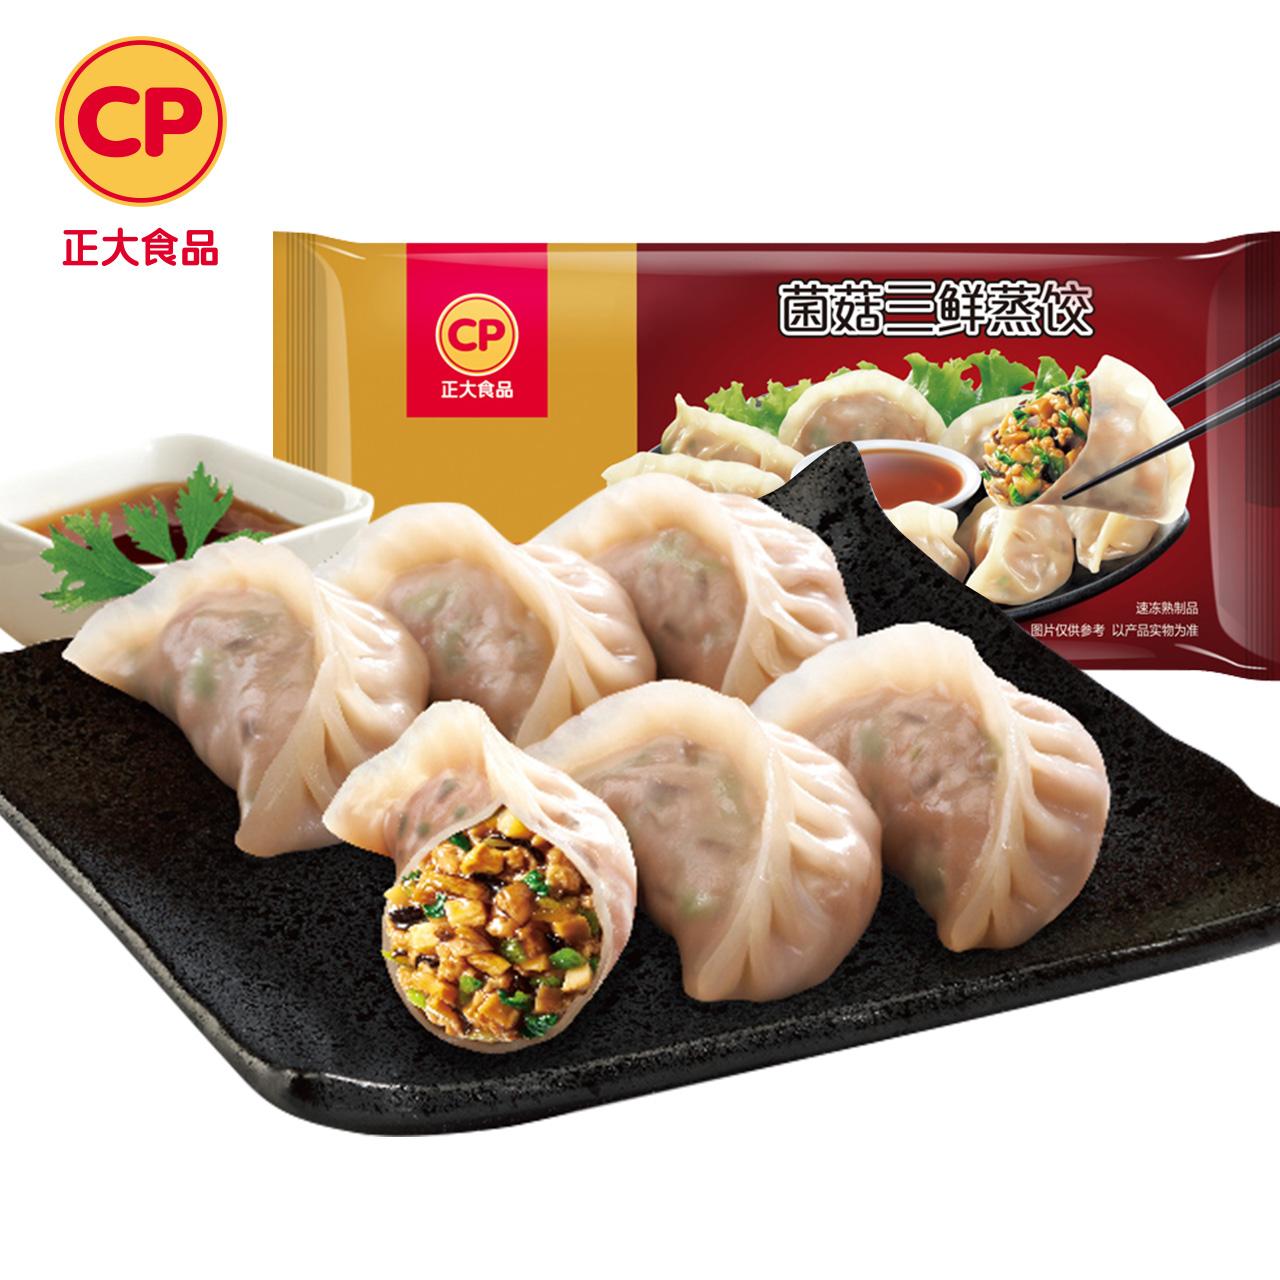 【正大食品】菌菇三鲜蒸饺 400g/袋 微波即食早餐饺子煎饺